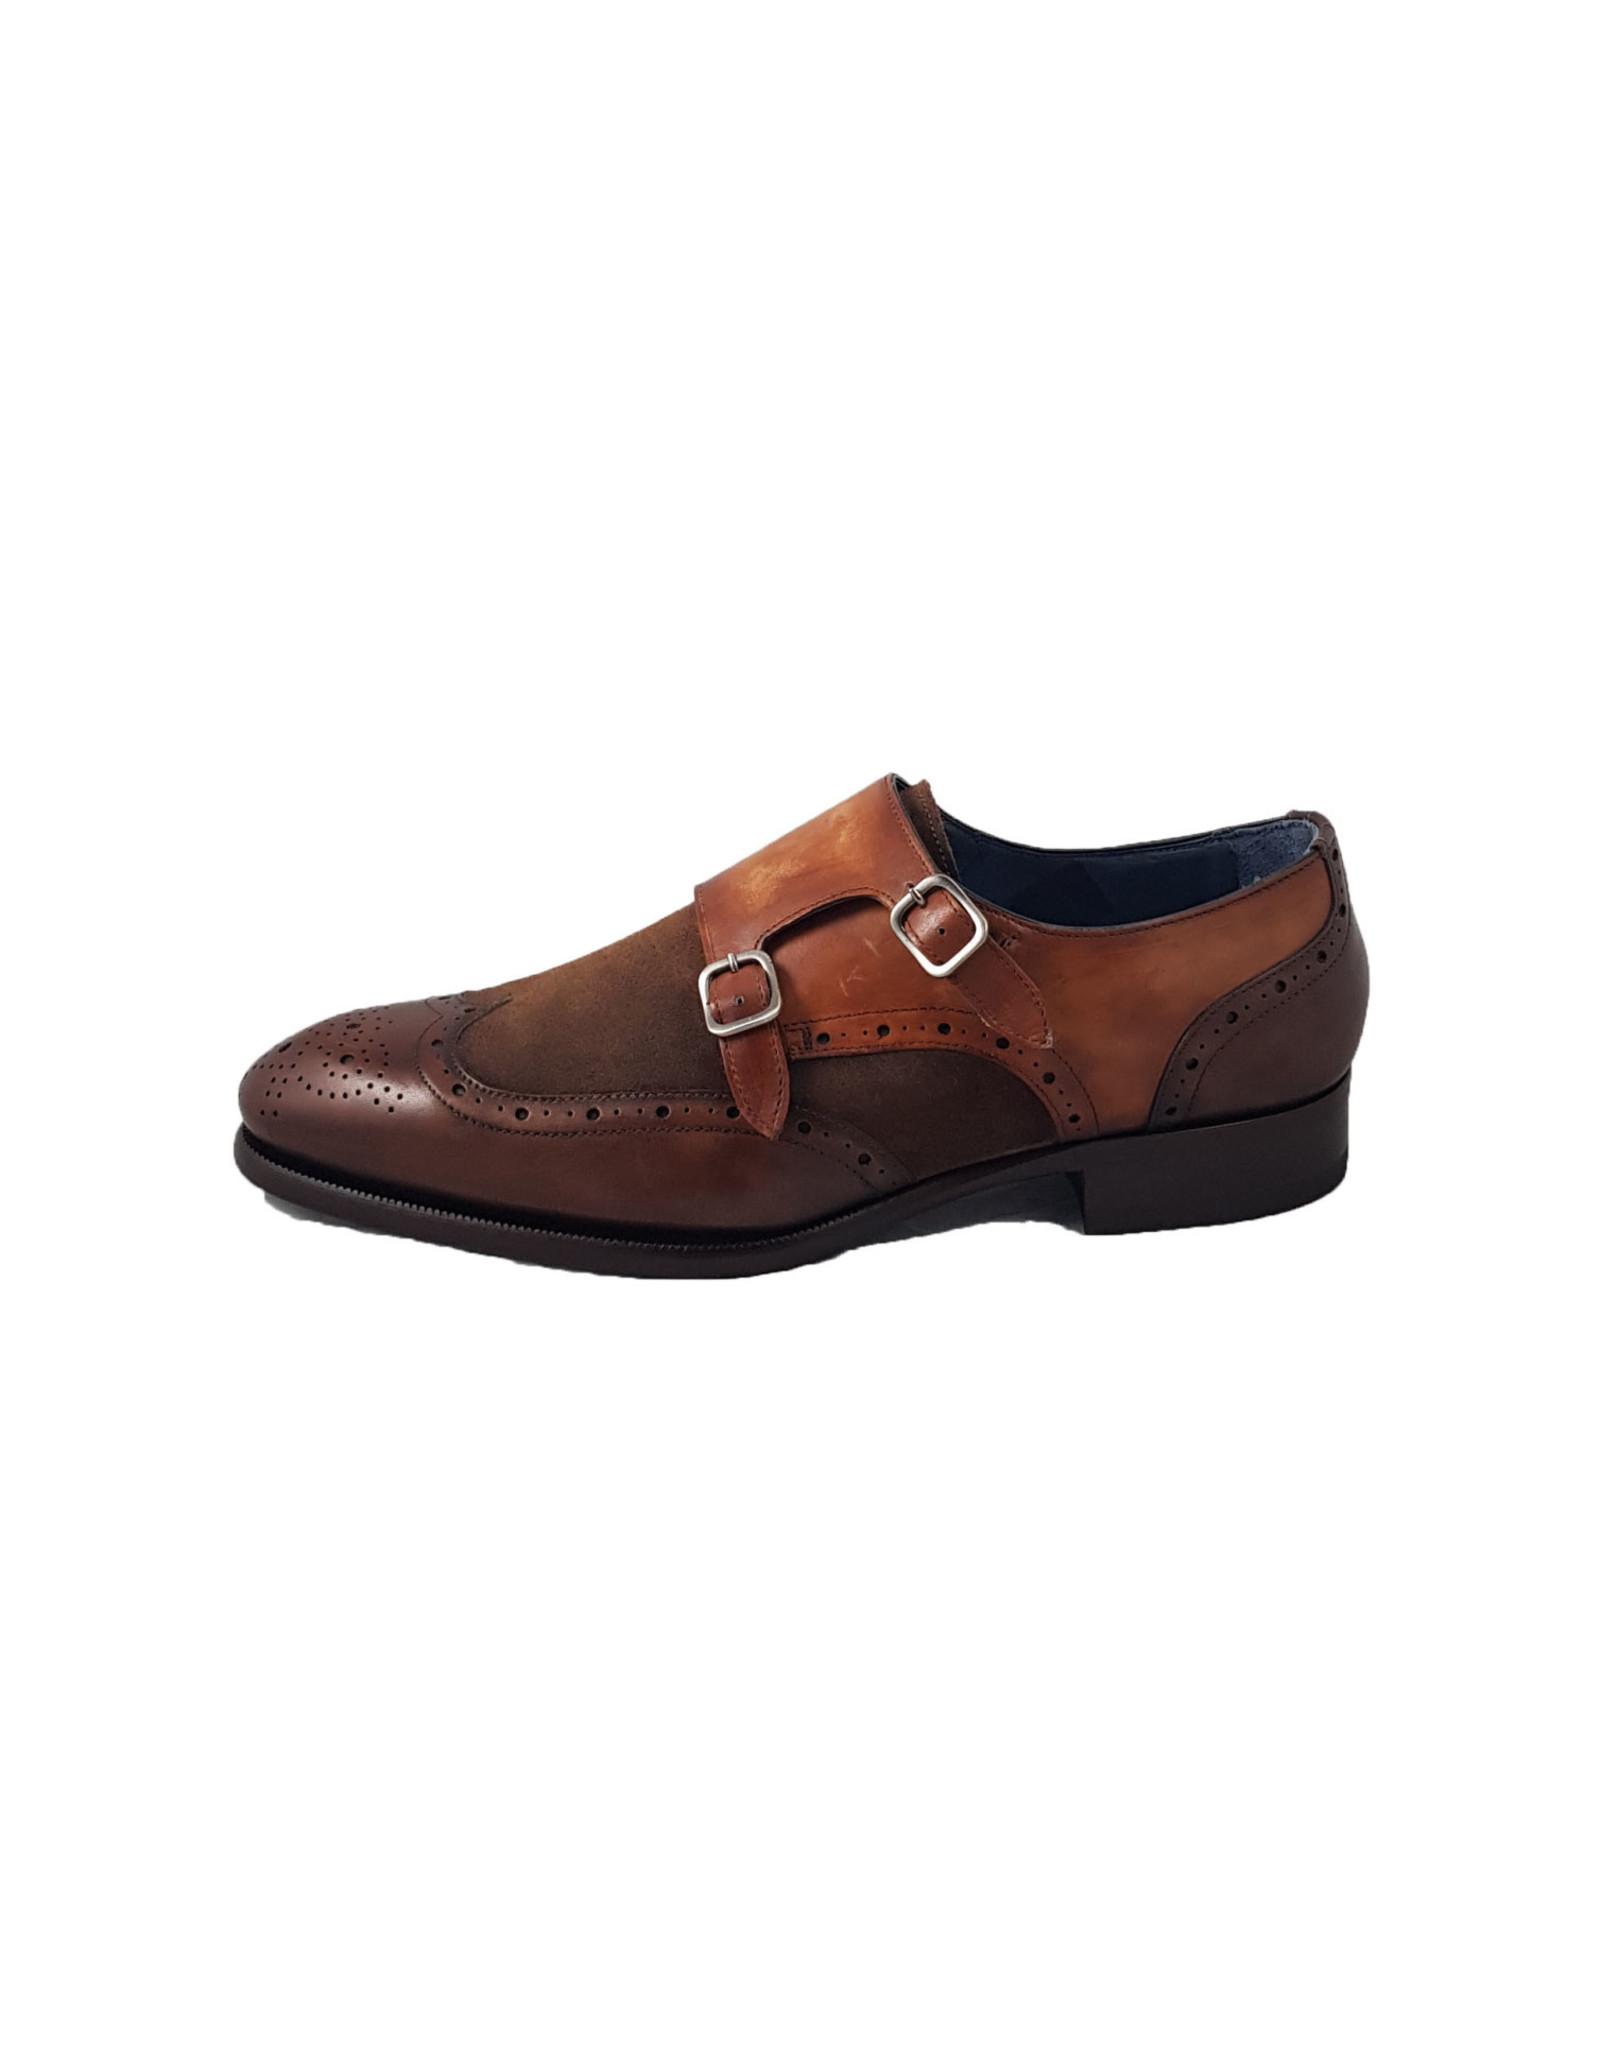 Zampiere Zampiere schoenen bruin 5302 Delave TD Moro